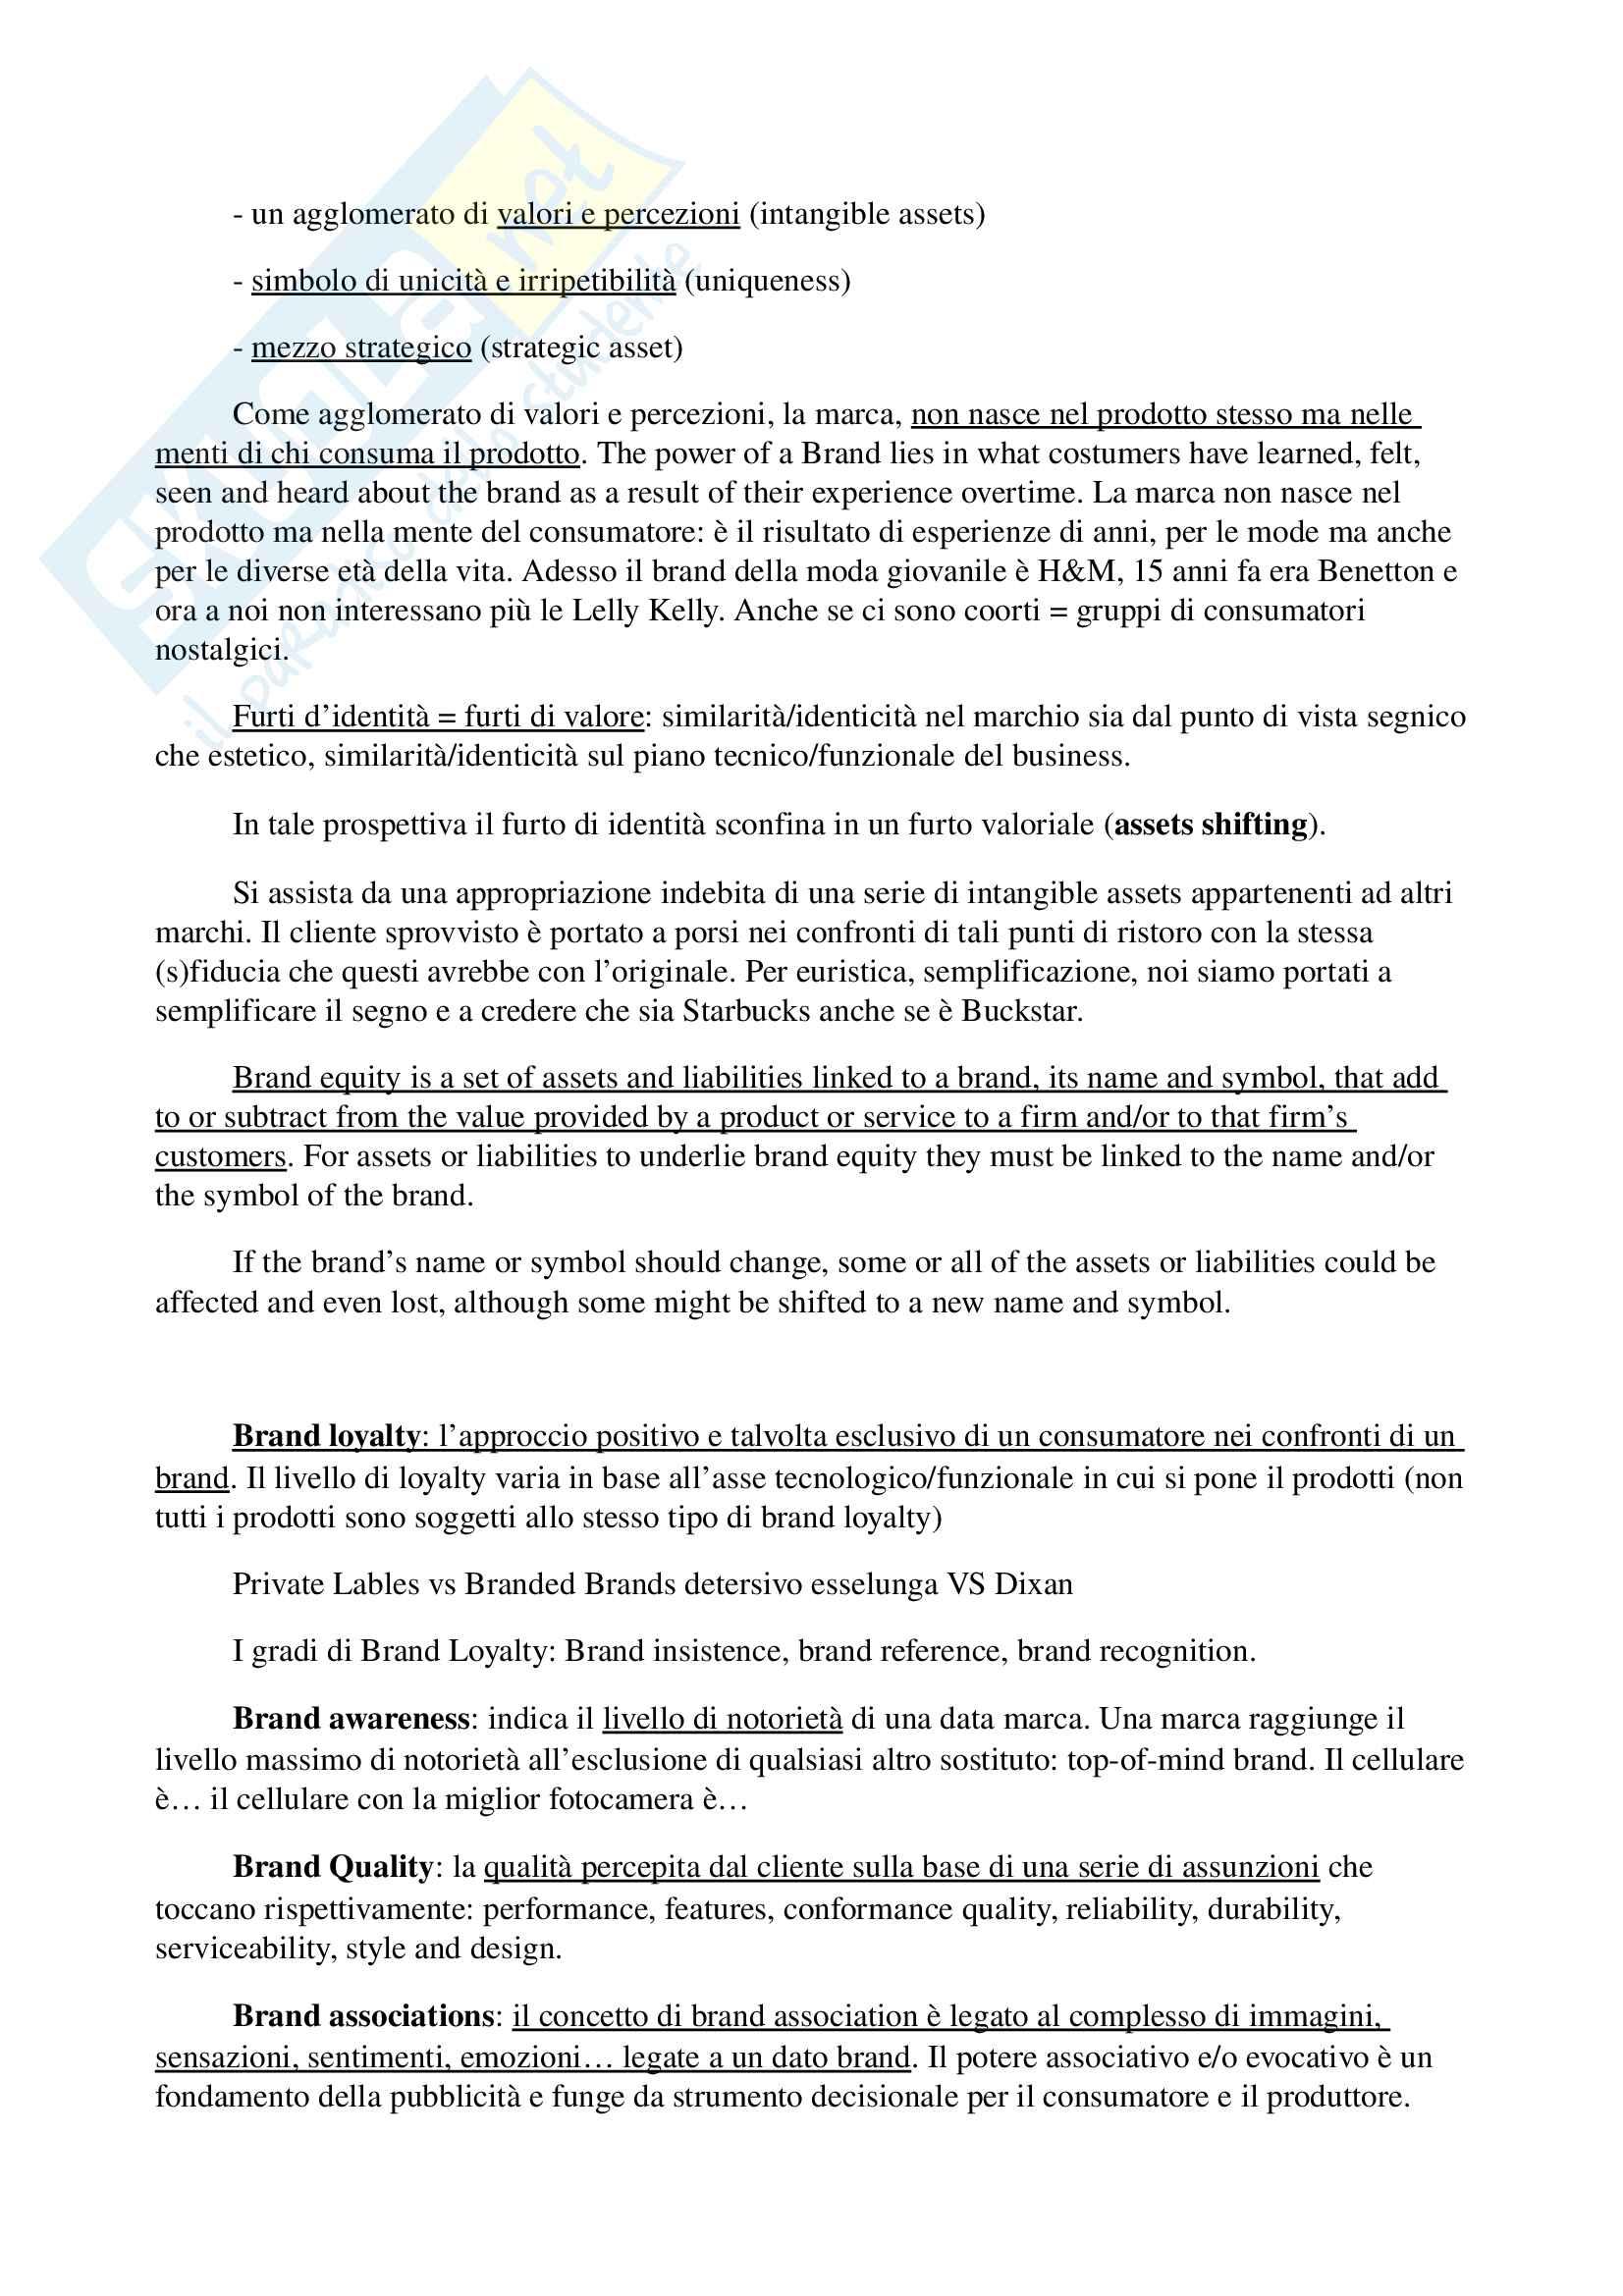 Appunti per esame di storia e linguaggi della pubblicità, prof. Musso, libro consigliato 'Brand Reloading - Patrizia Musso' Pag. 26